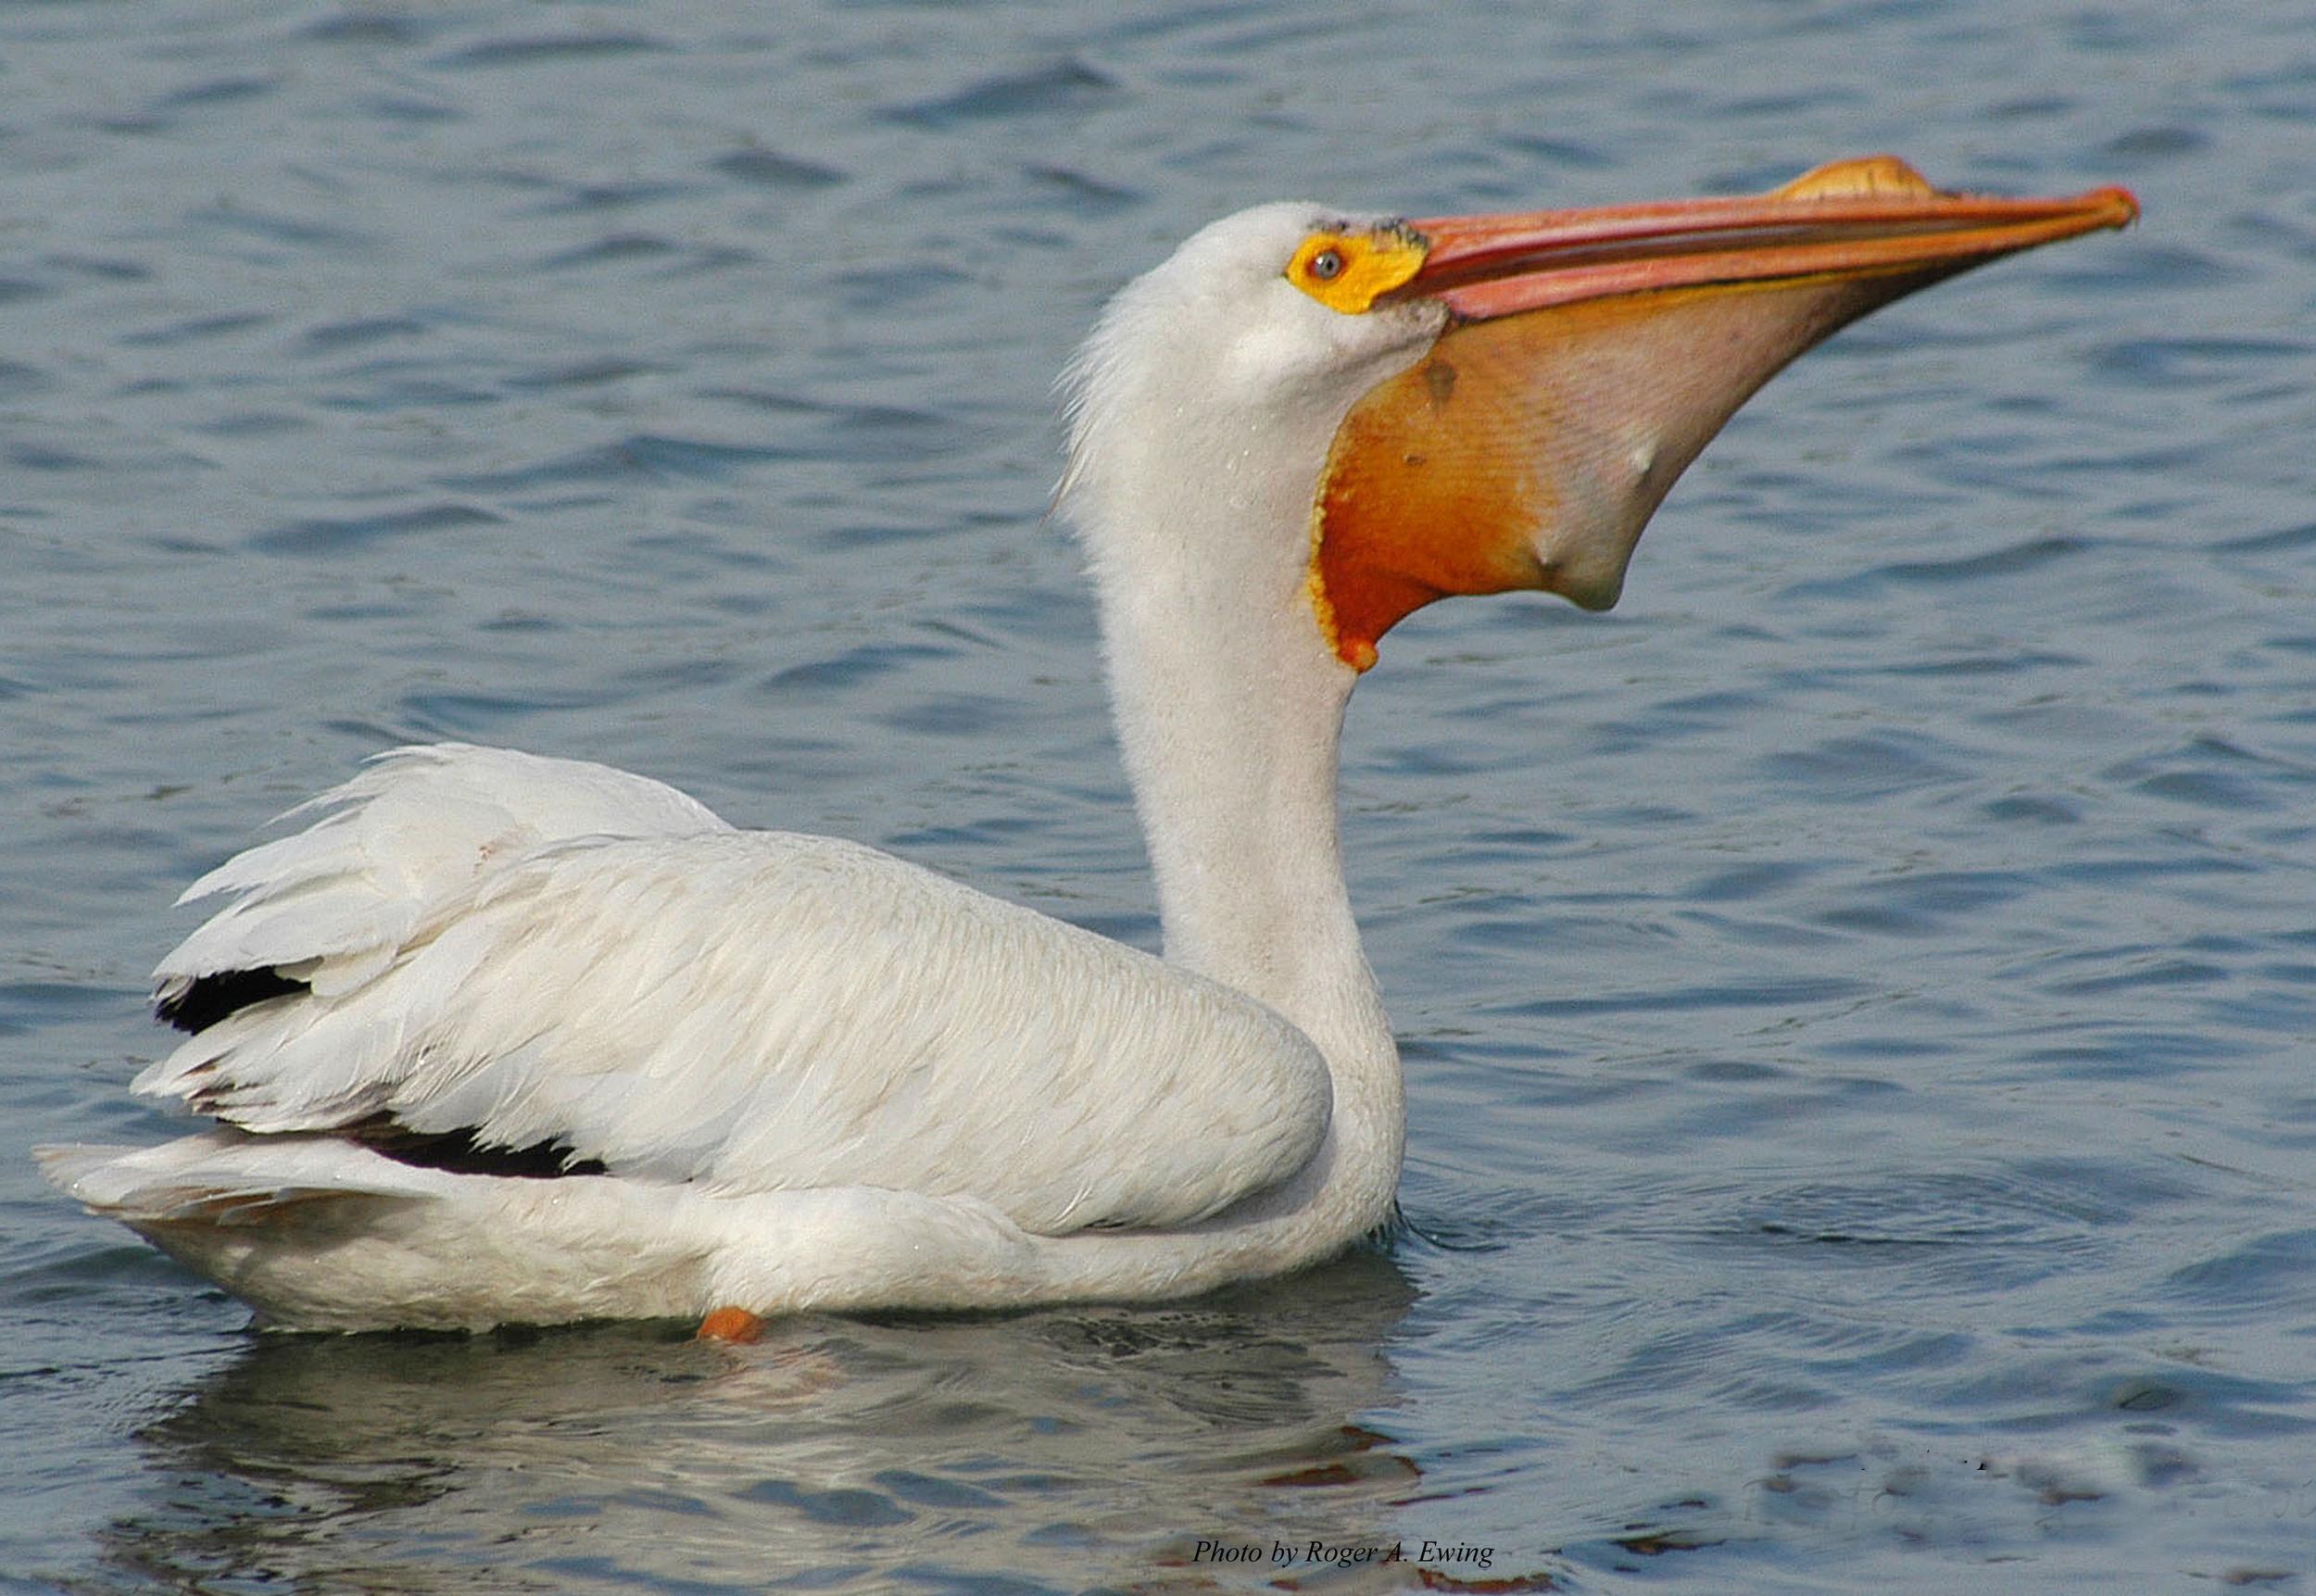 Pelican-BEST-1-edited.jpg